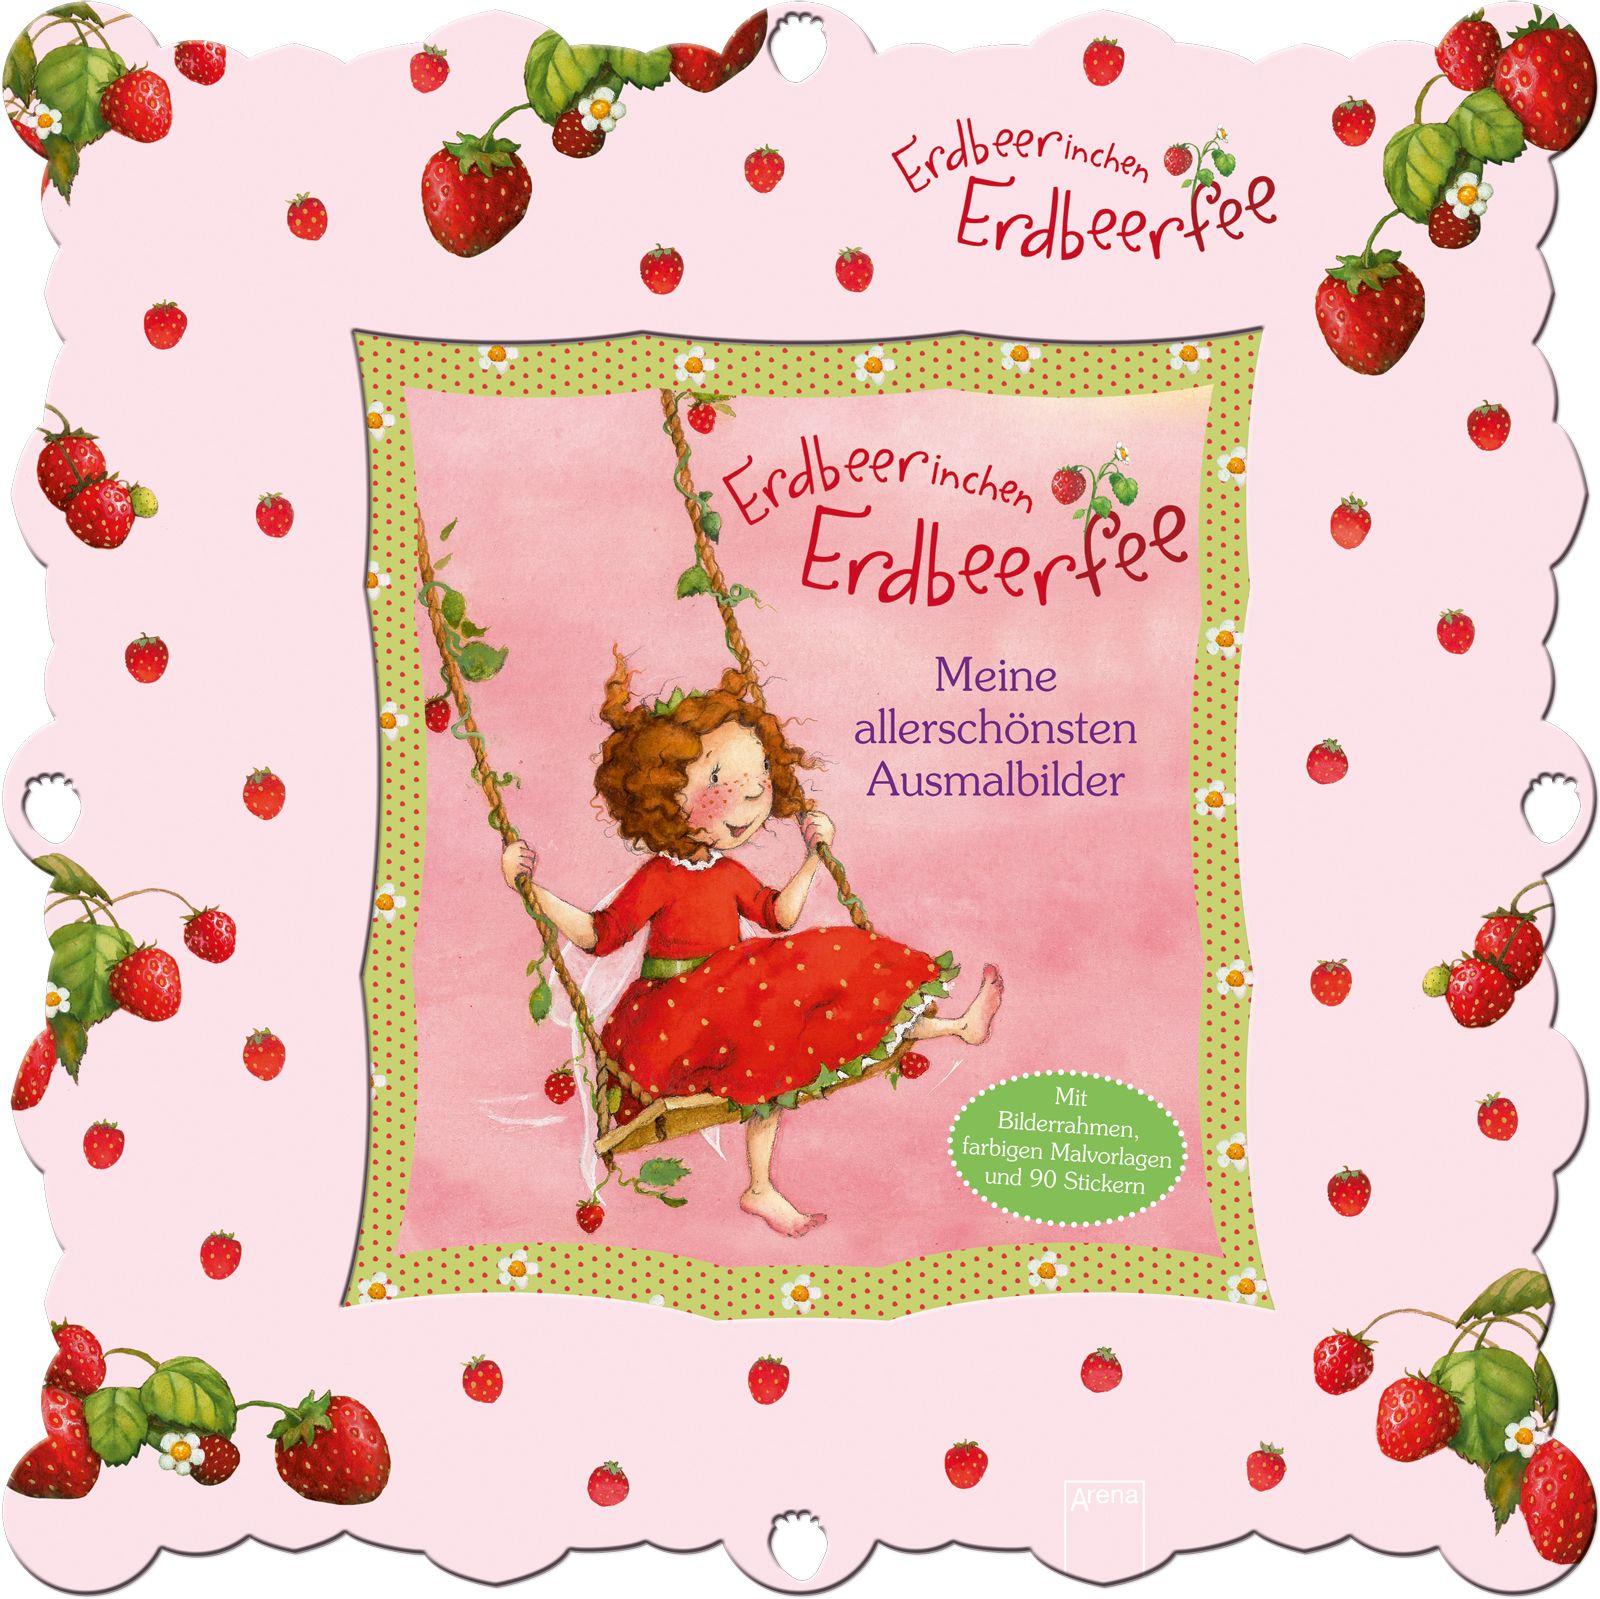 Erdbeerinchen Erdbeerfee. Meine allerschönsten Ausmalbilder von Beure